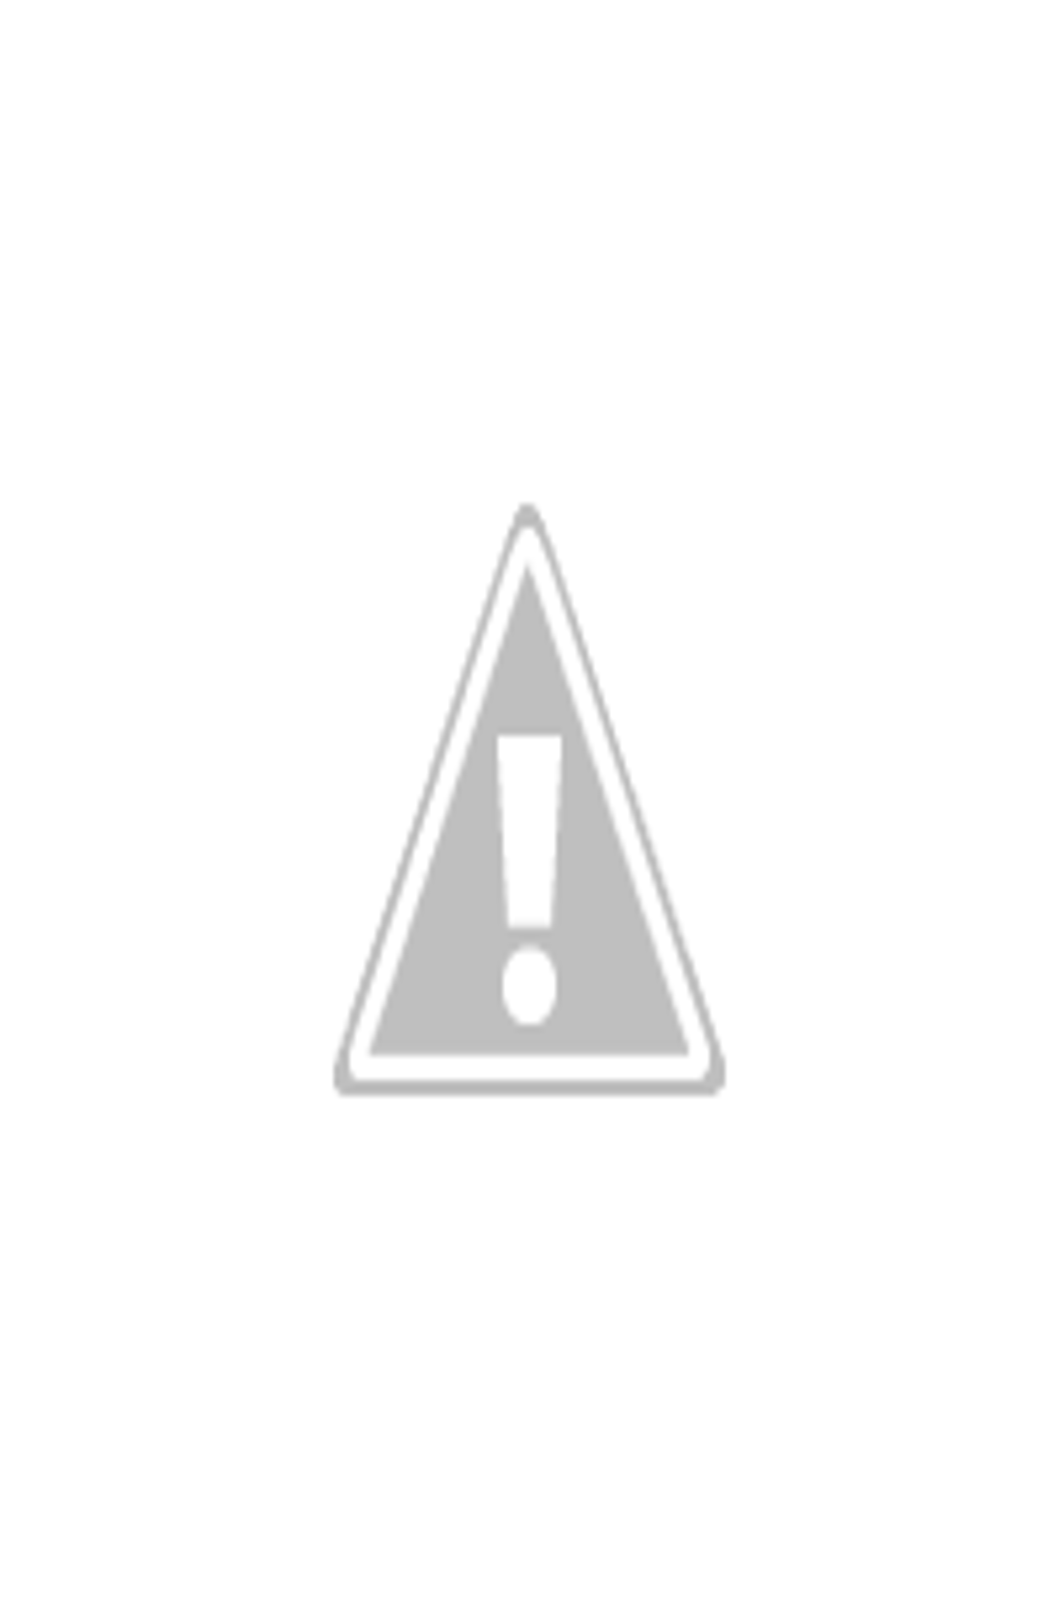 tips de moda - COMO PARECER MÁS DELGADA - Tips para usar la ropa y puedas verte más delgada - OUTFITS DE VERANO